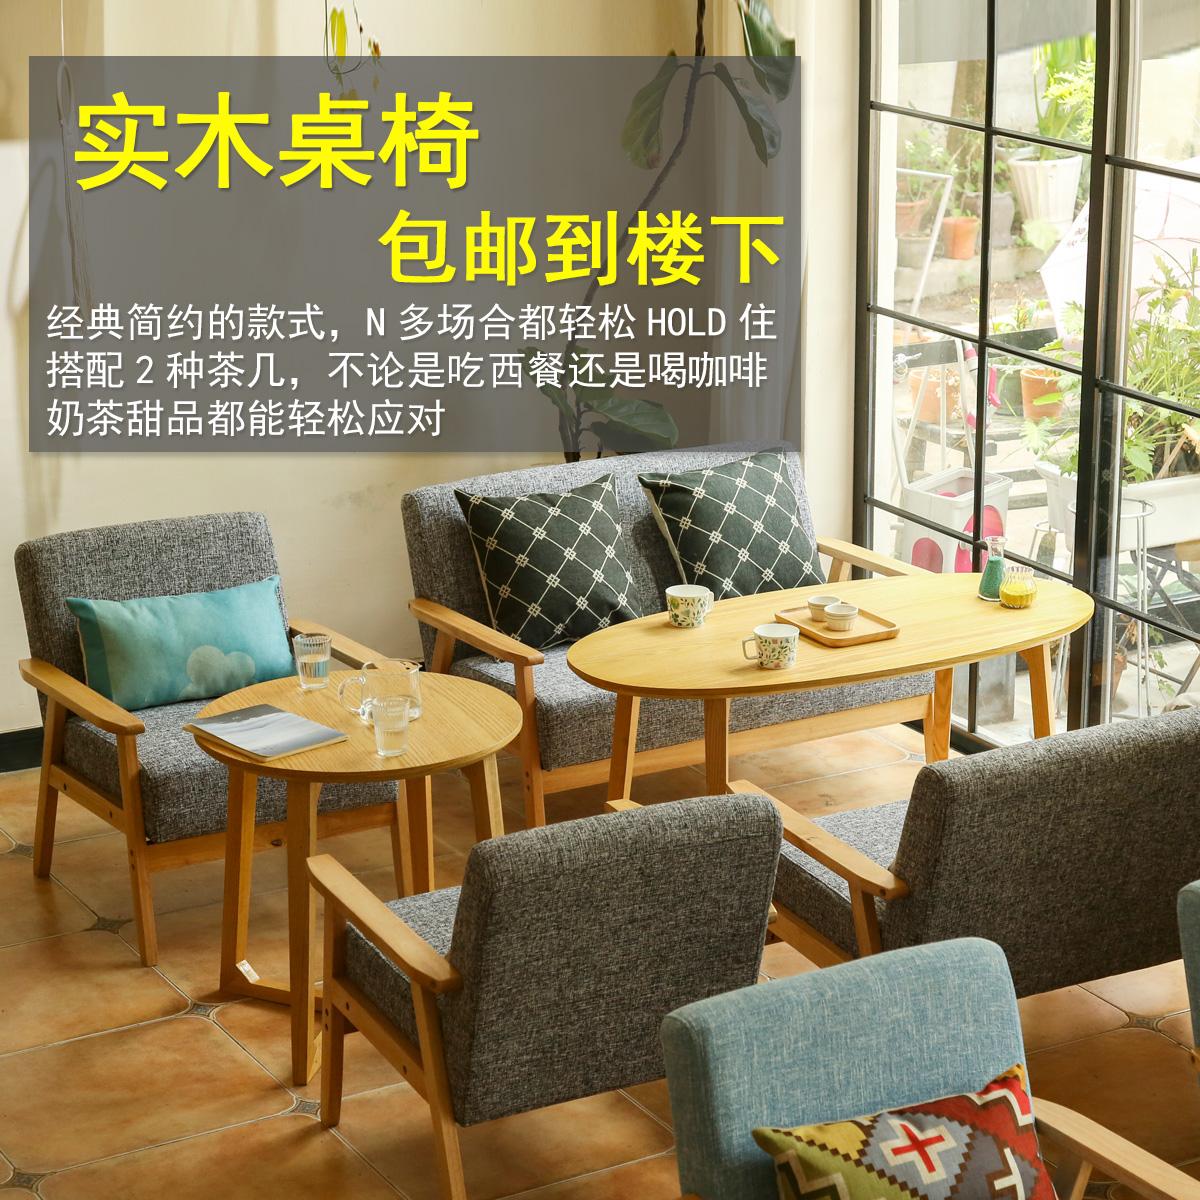 Десерт чайный магазин западное кафе переговоры стол и кресло сочетание простой для отдыха Двуспальный диван из офисной ткани